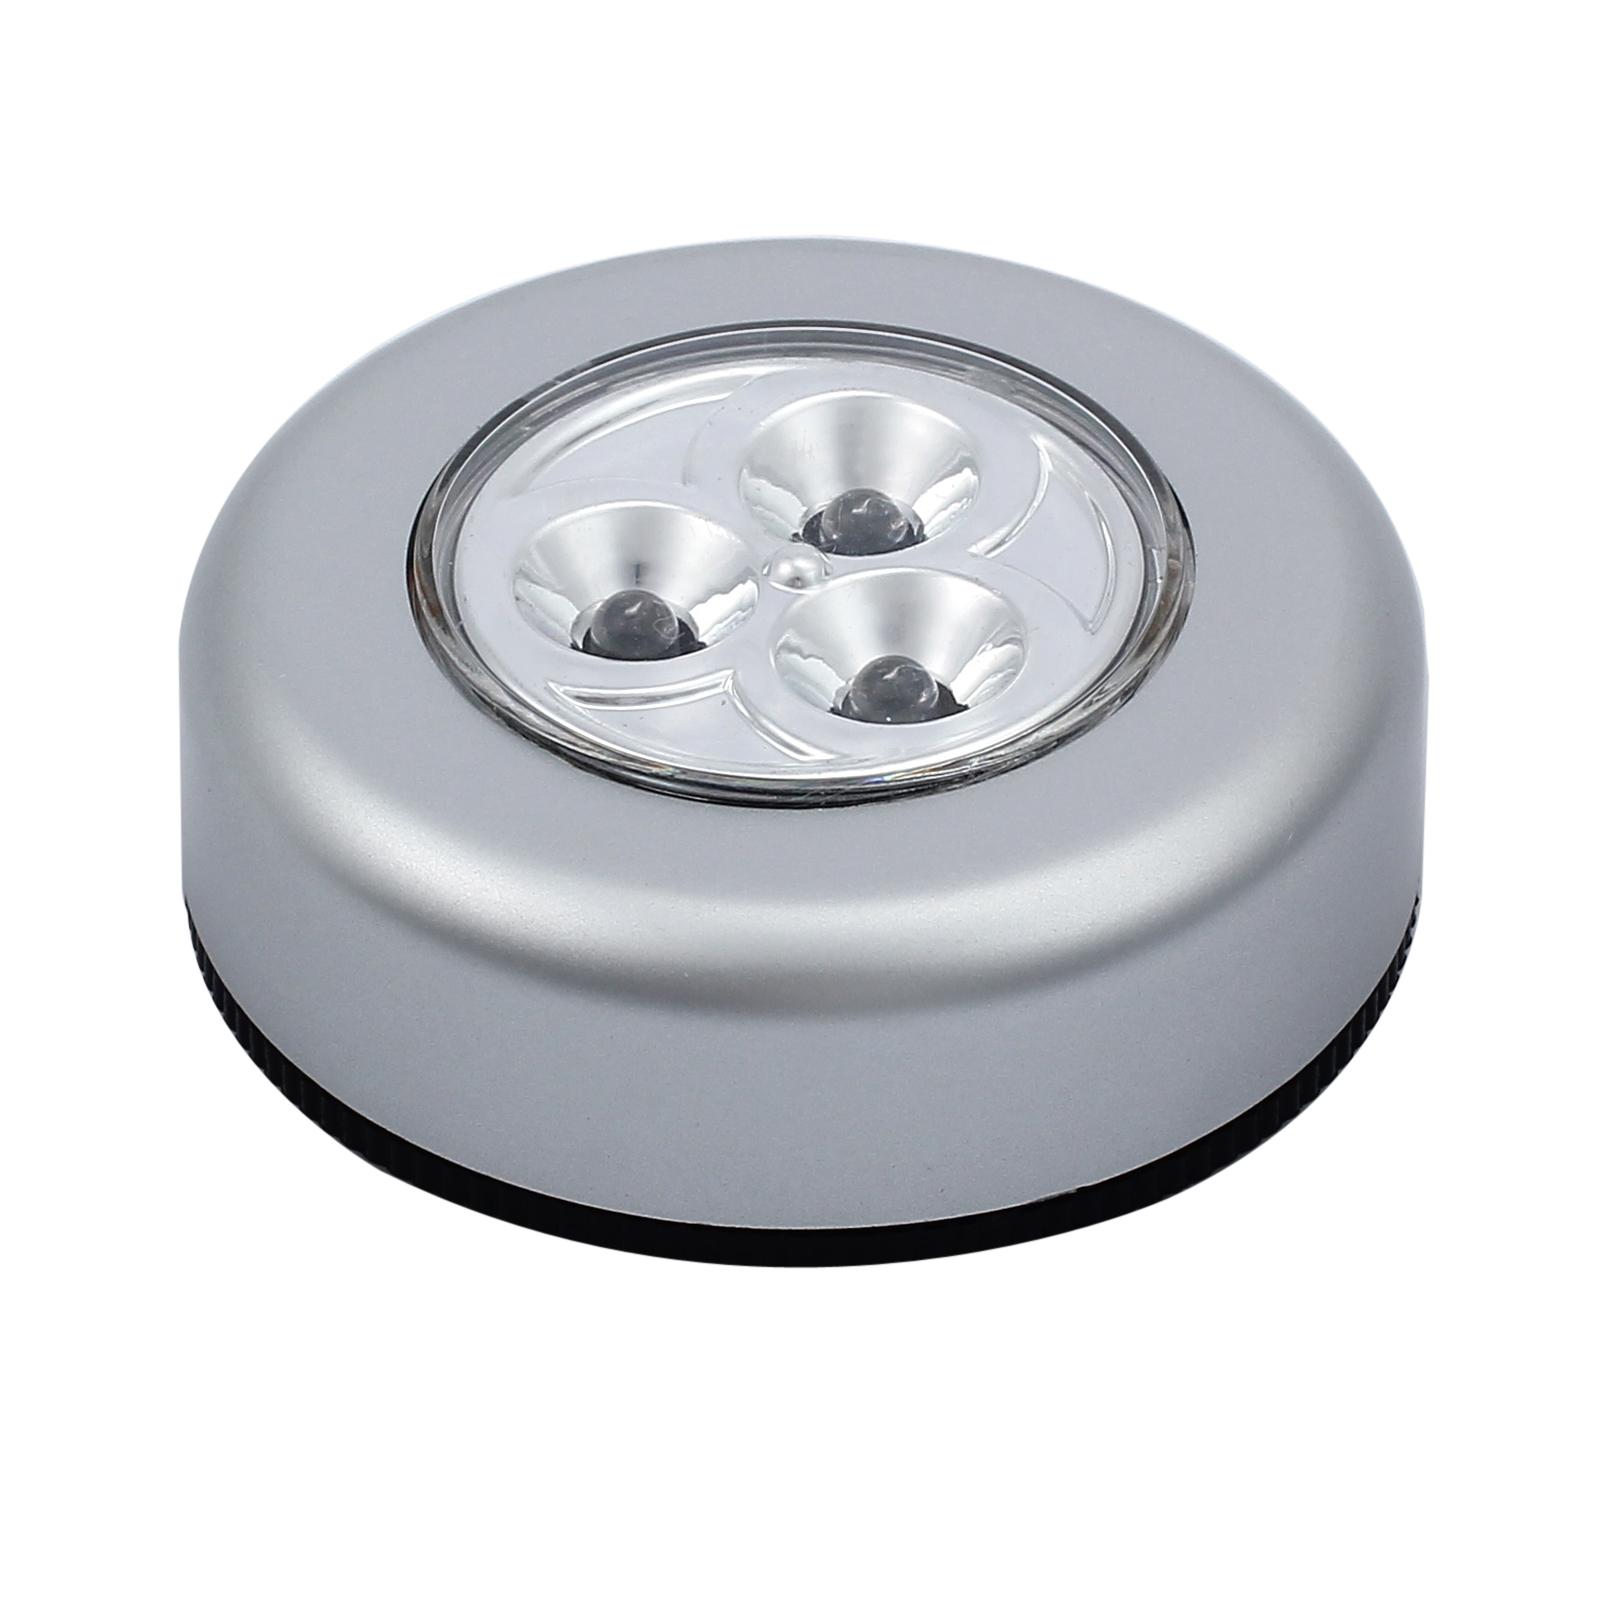 10x 3leds unterbauleuchte touch lampe batteriebetrieb fr. Black Bedroom Furniture Sets. Home Design Ideas